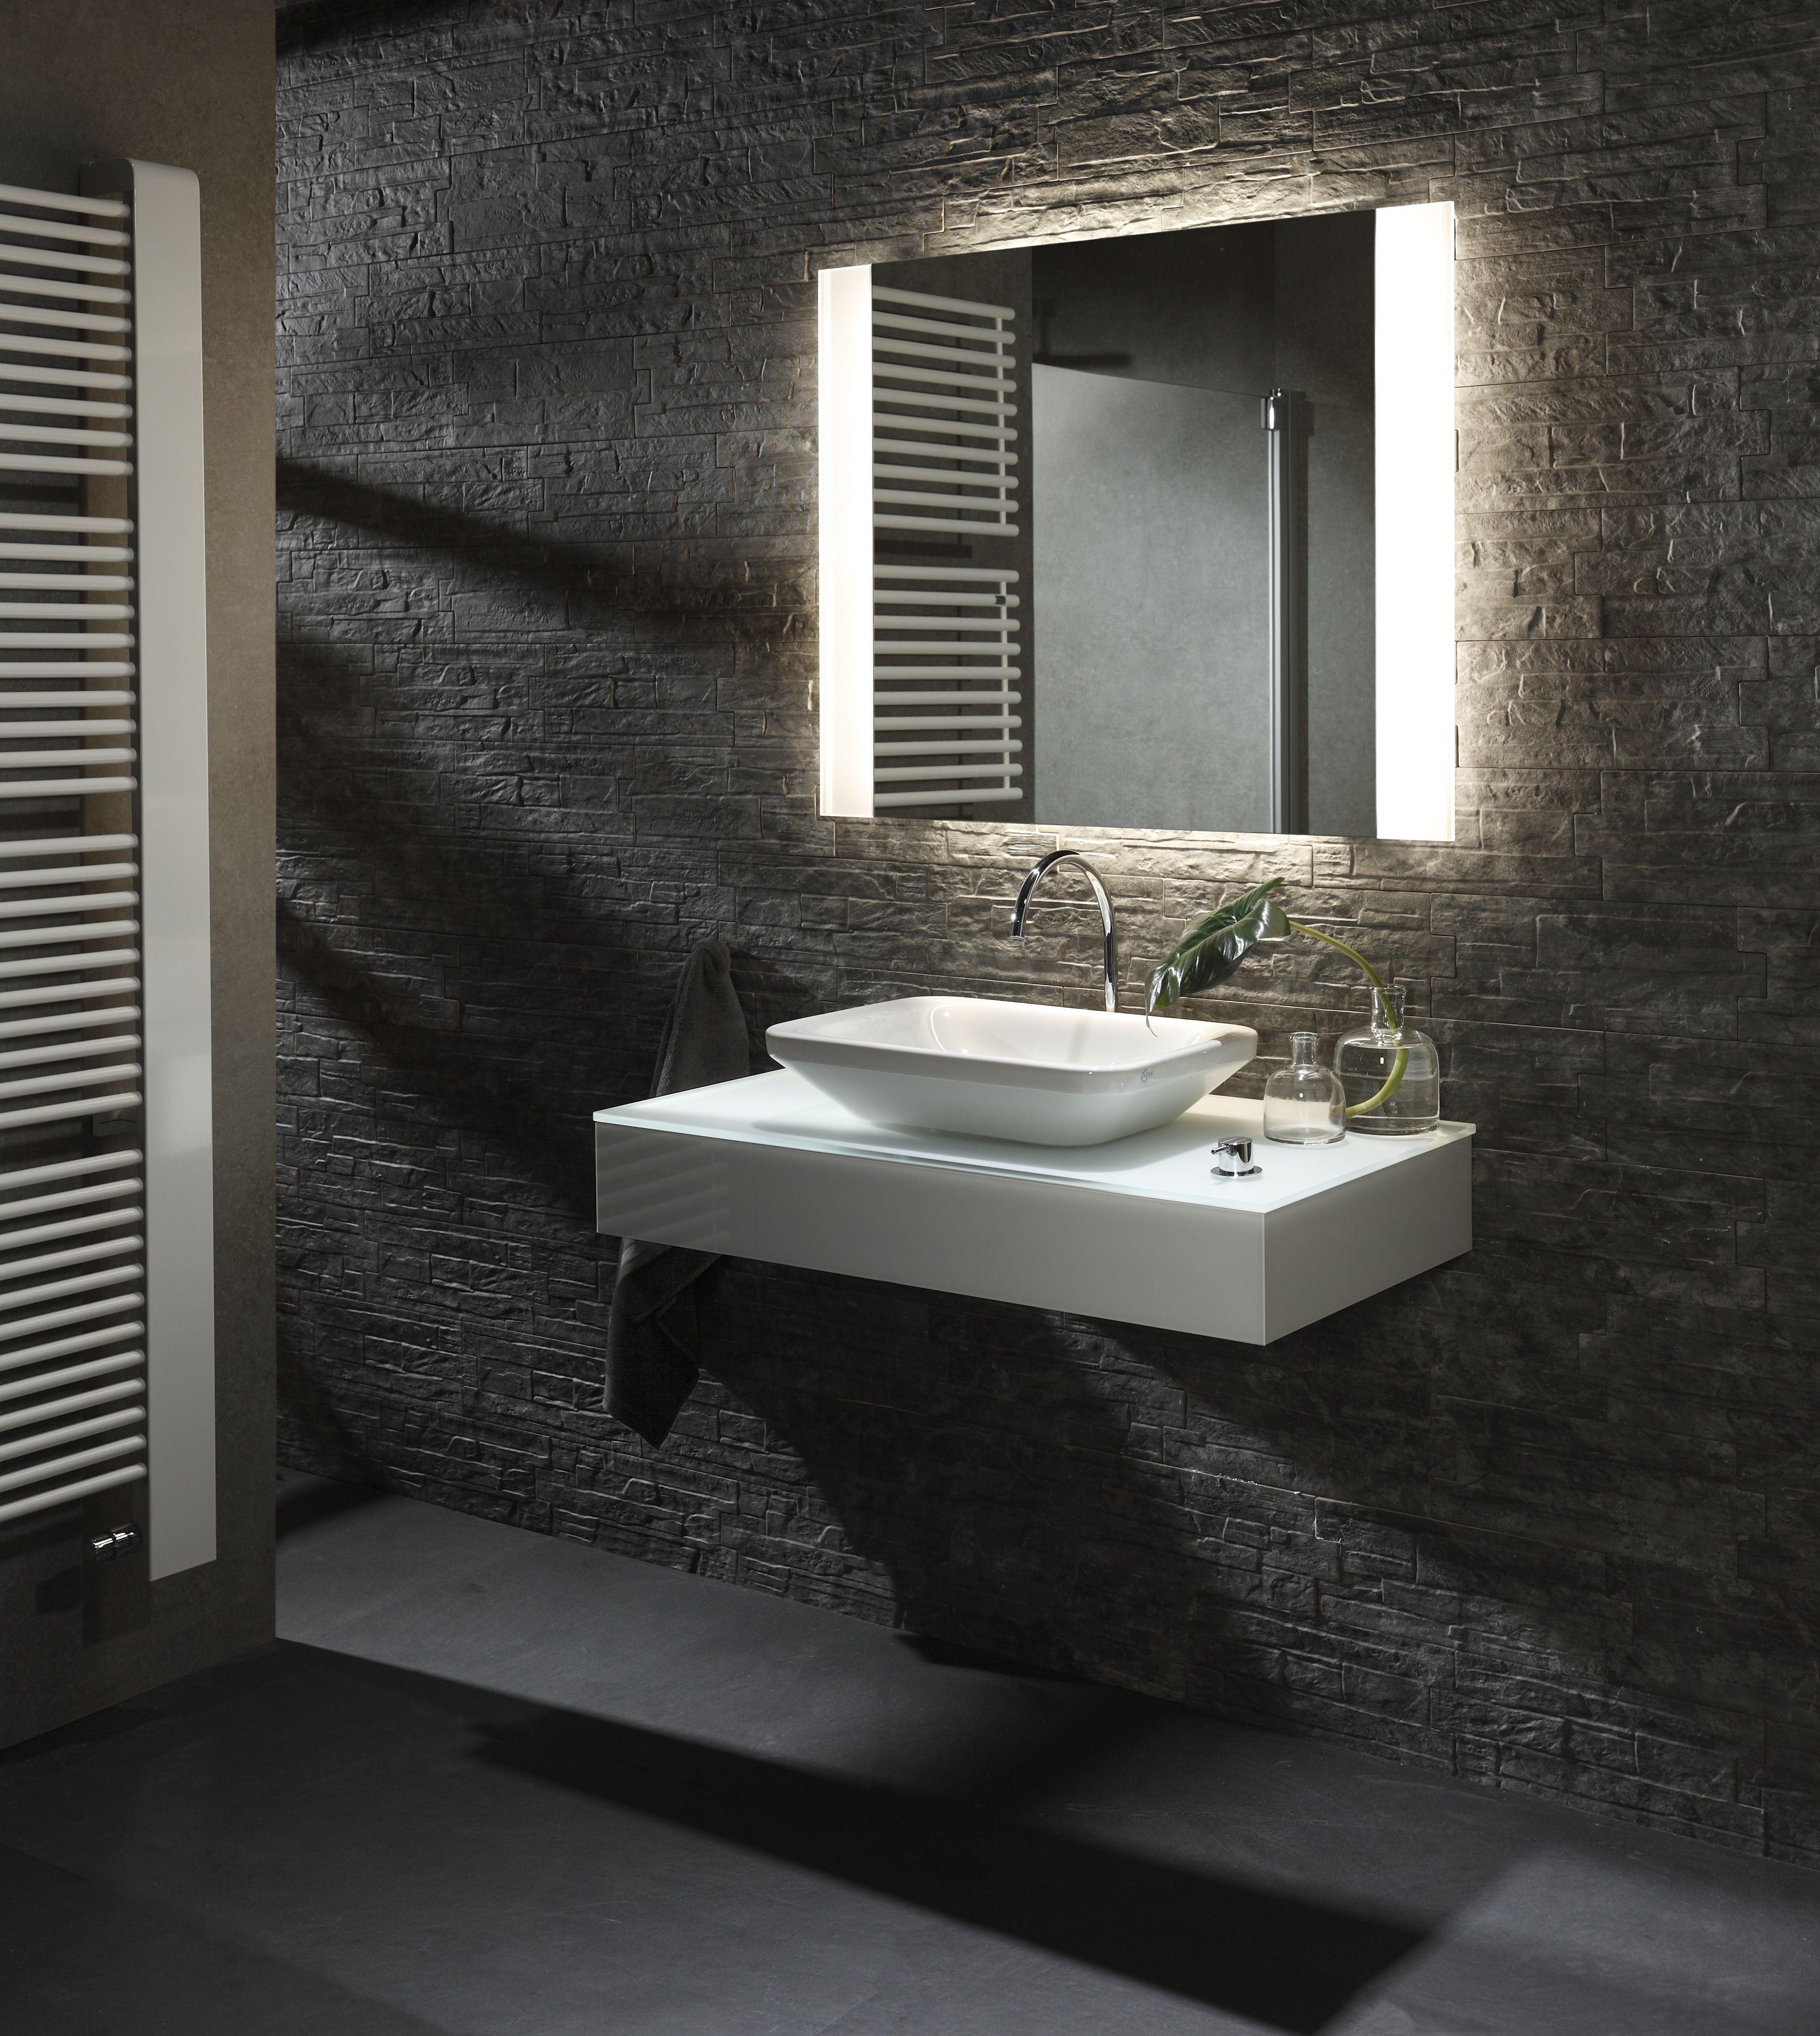 Badezimmer design beleuchtung yourstyle pro s deluxe  indirekte beleuchtung oben und unten